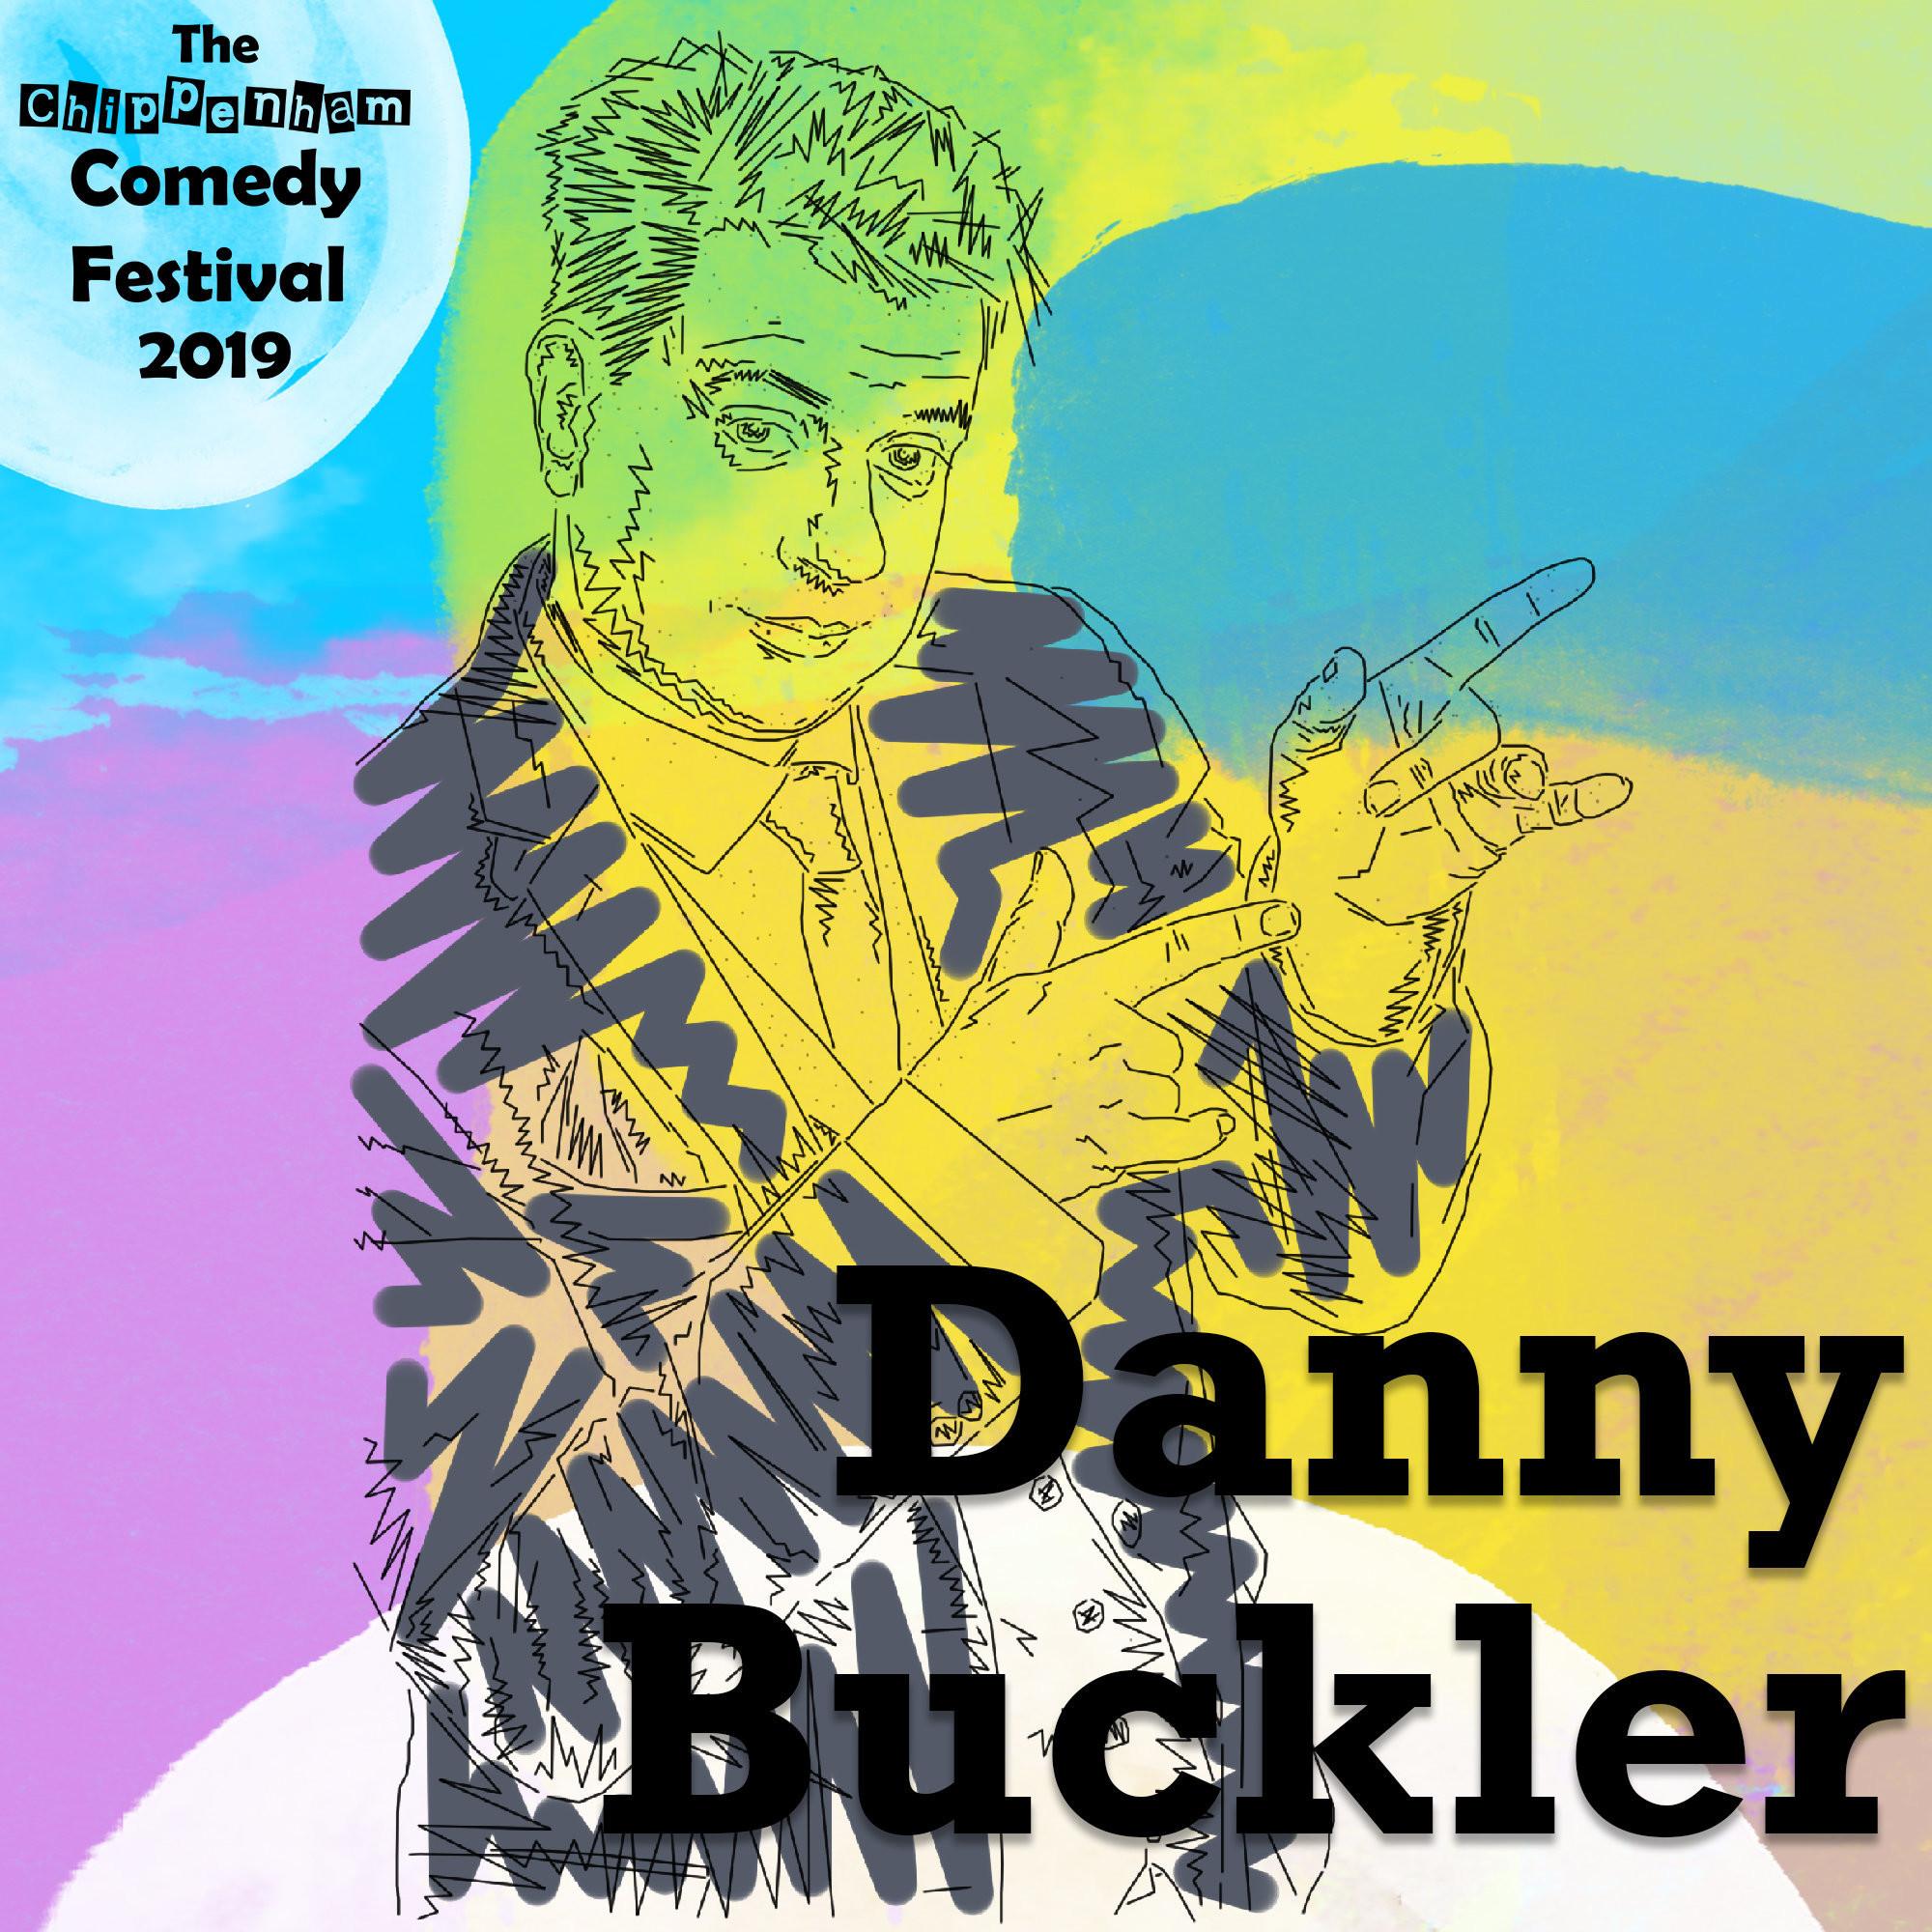 Instagram promos  2000 x 2000   danny buckler